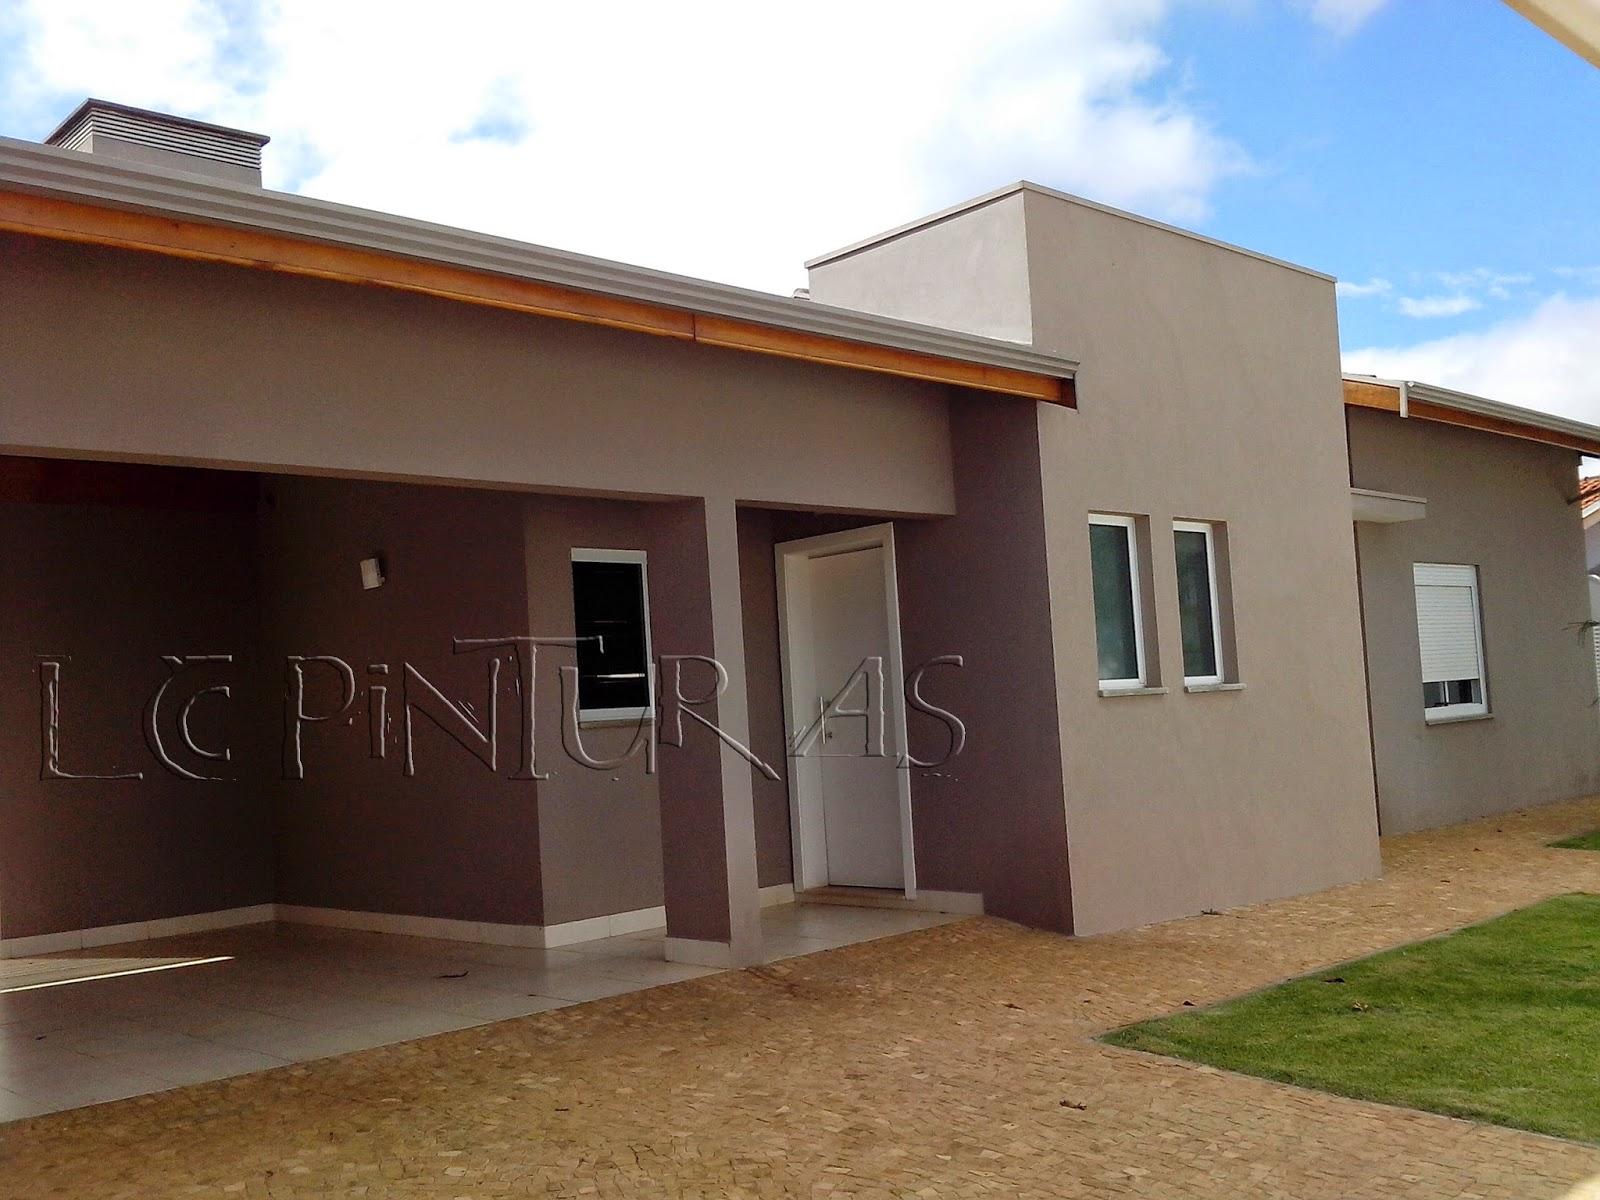 Pintura de casa pintura de casa with pintura de casa top - Pintura para casa ...